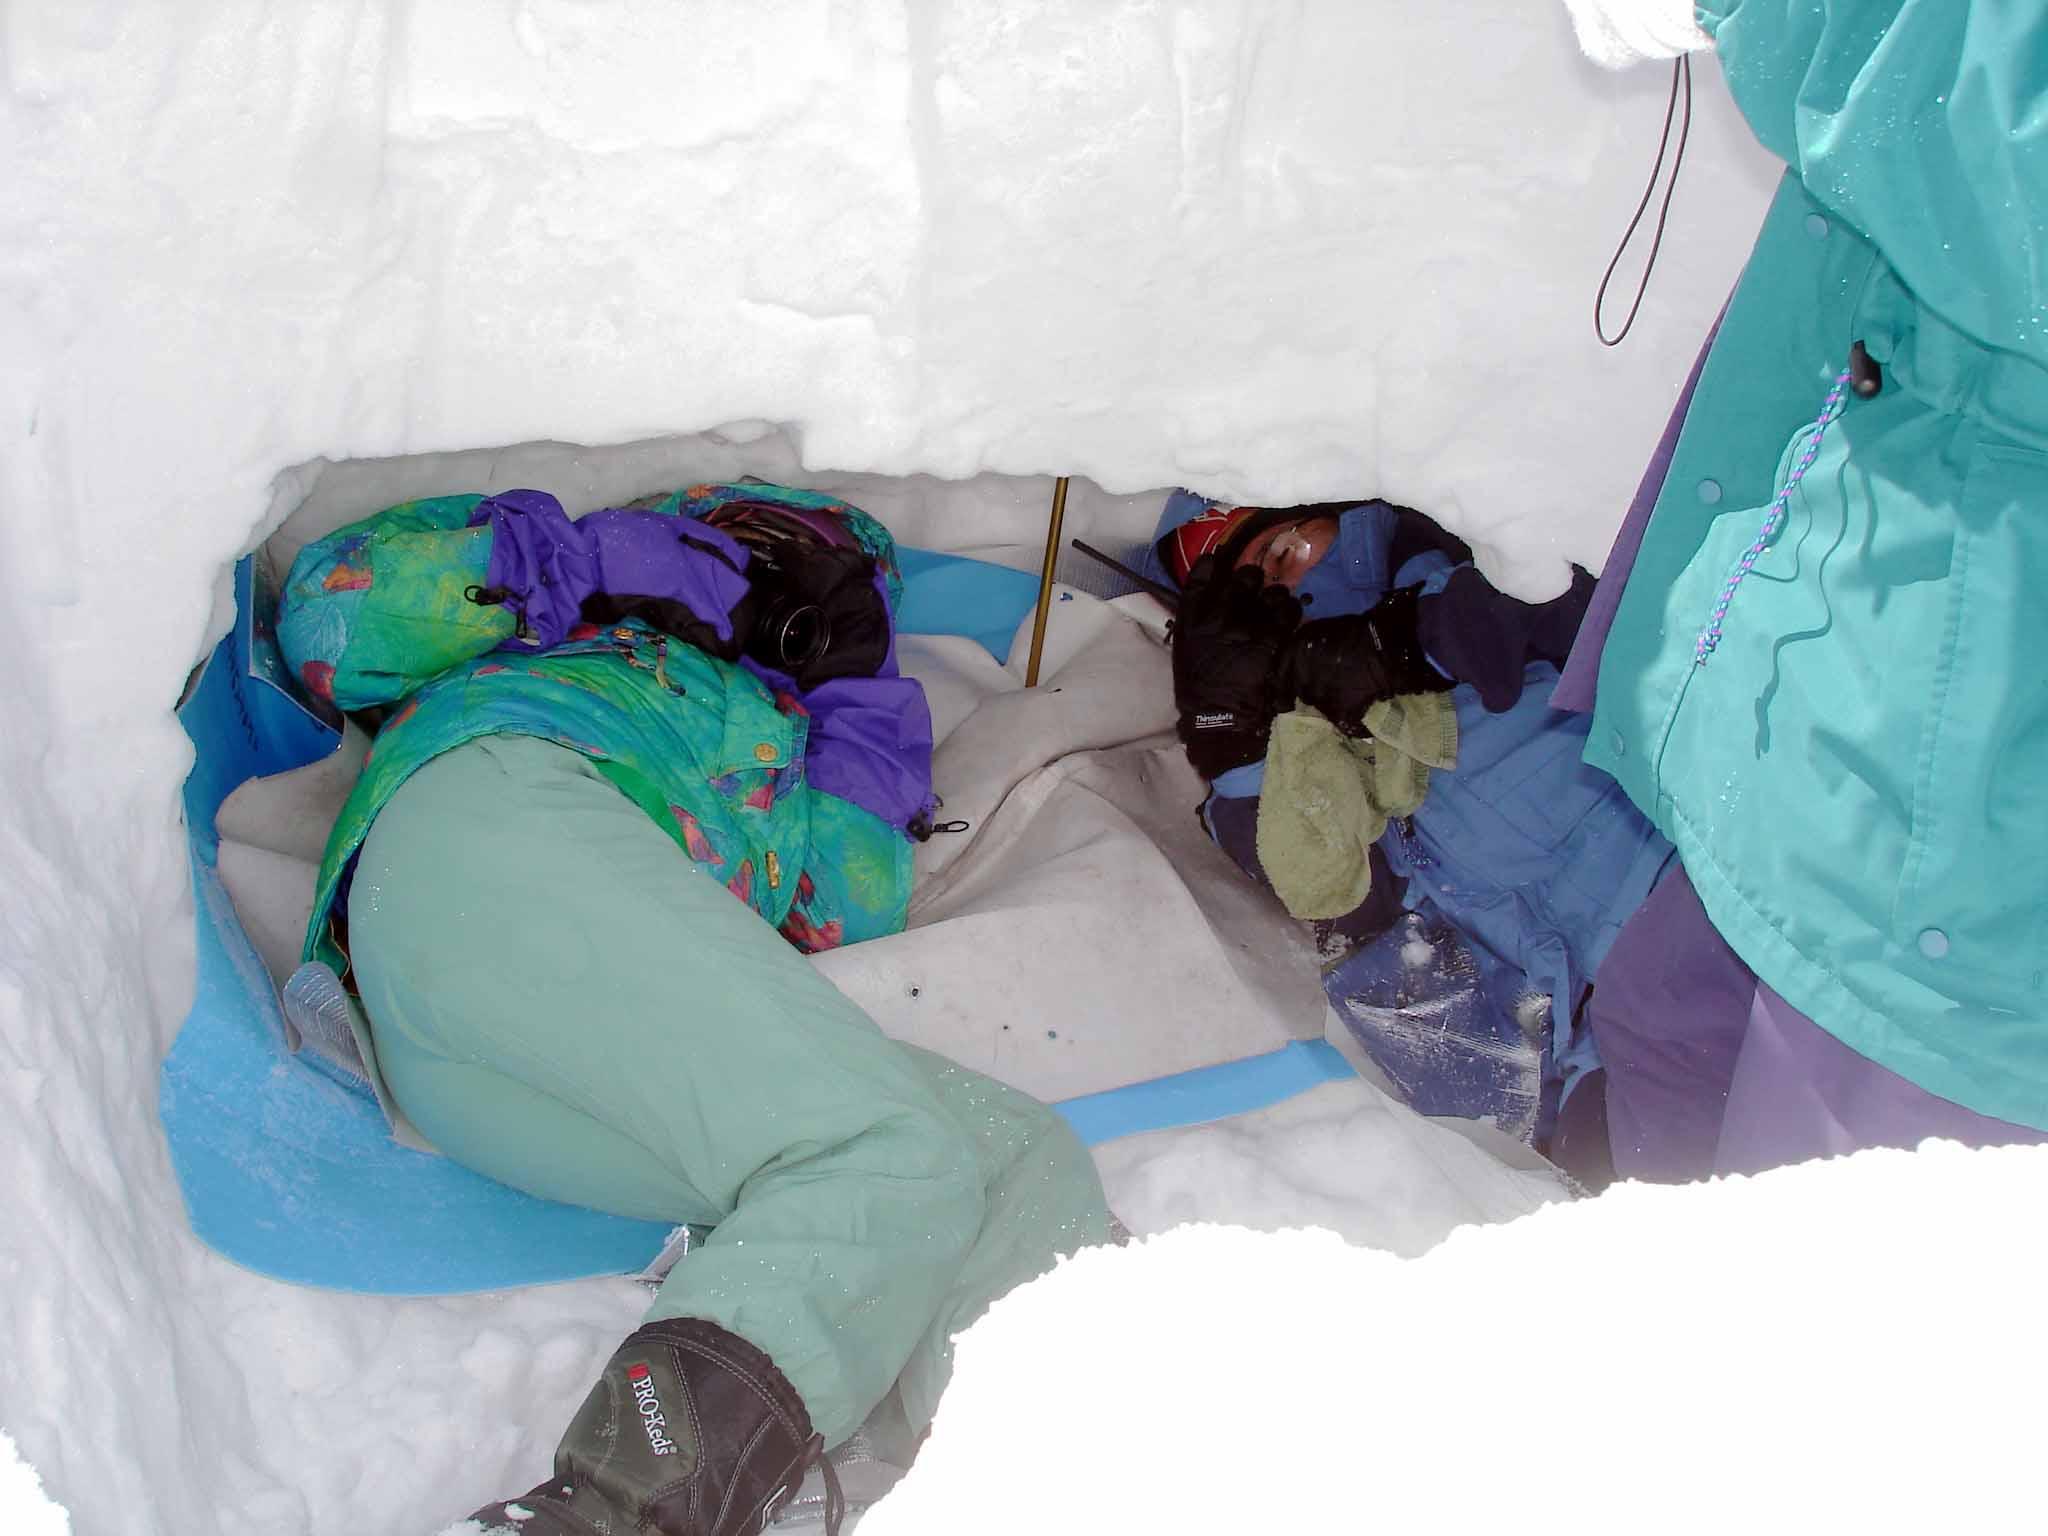 長野山岳レスキュー 記者が埋没体験